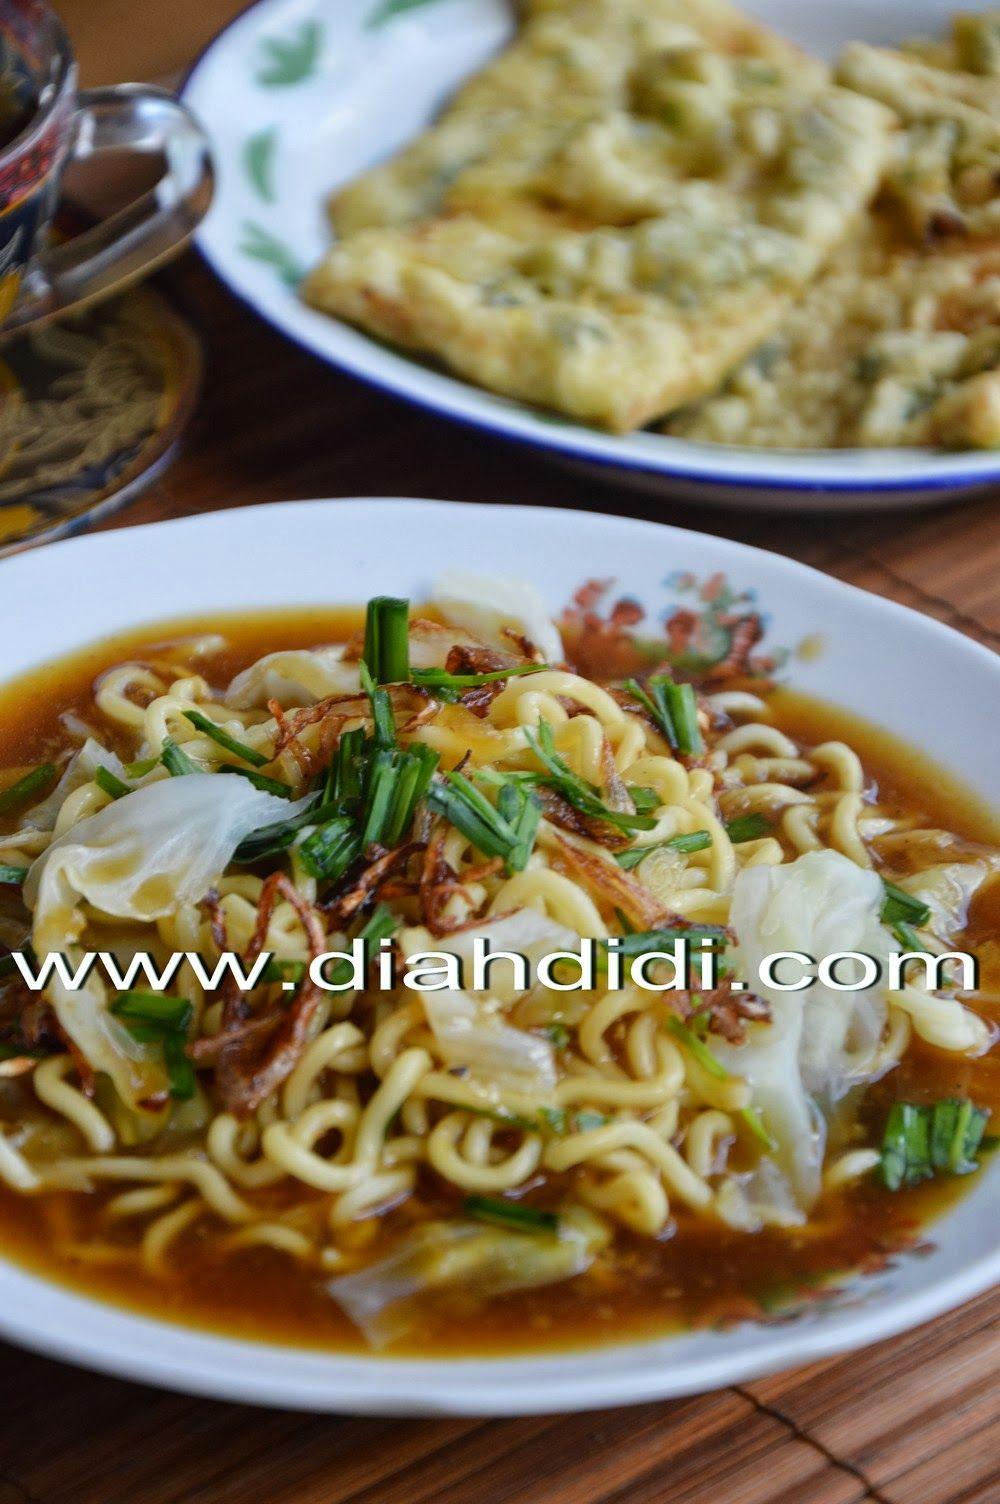 Blog Diah Didi Berisi Resep Masakan Praktis Yang Mudah Dipraktekkan Di Rumah Resep Makanan Asia Resep Masakan Indonesia Resep Masakan